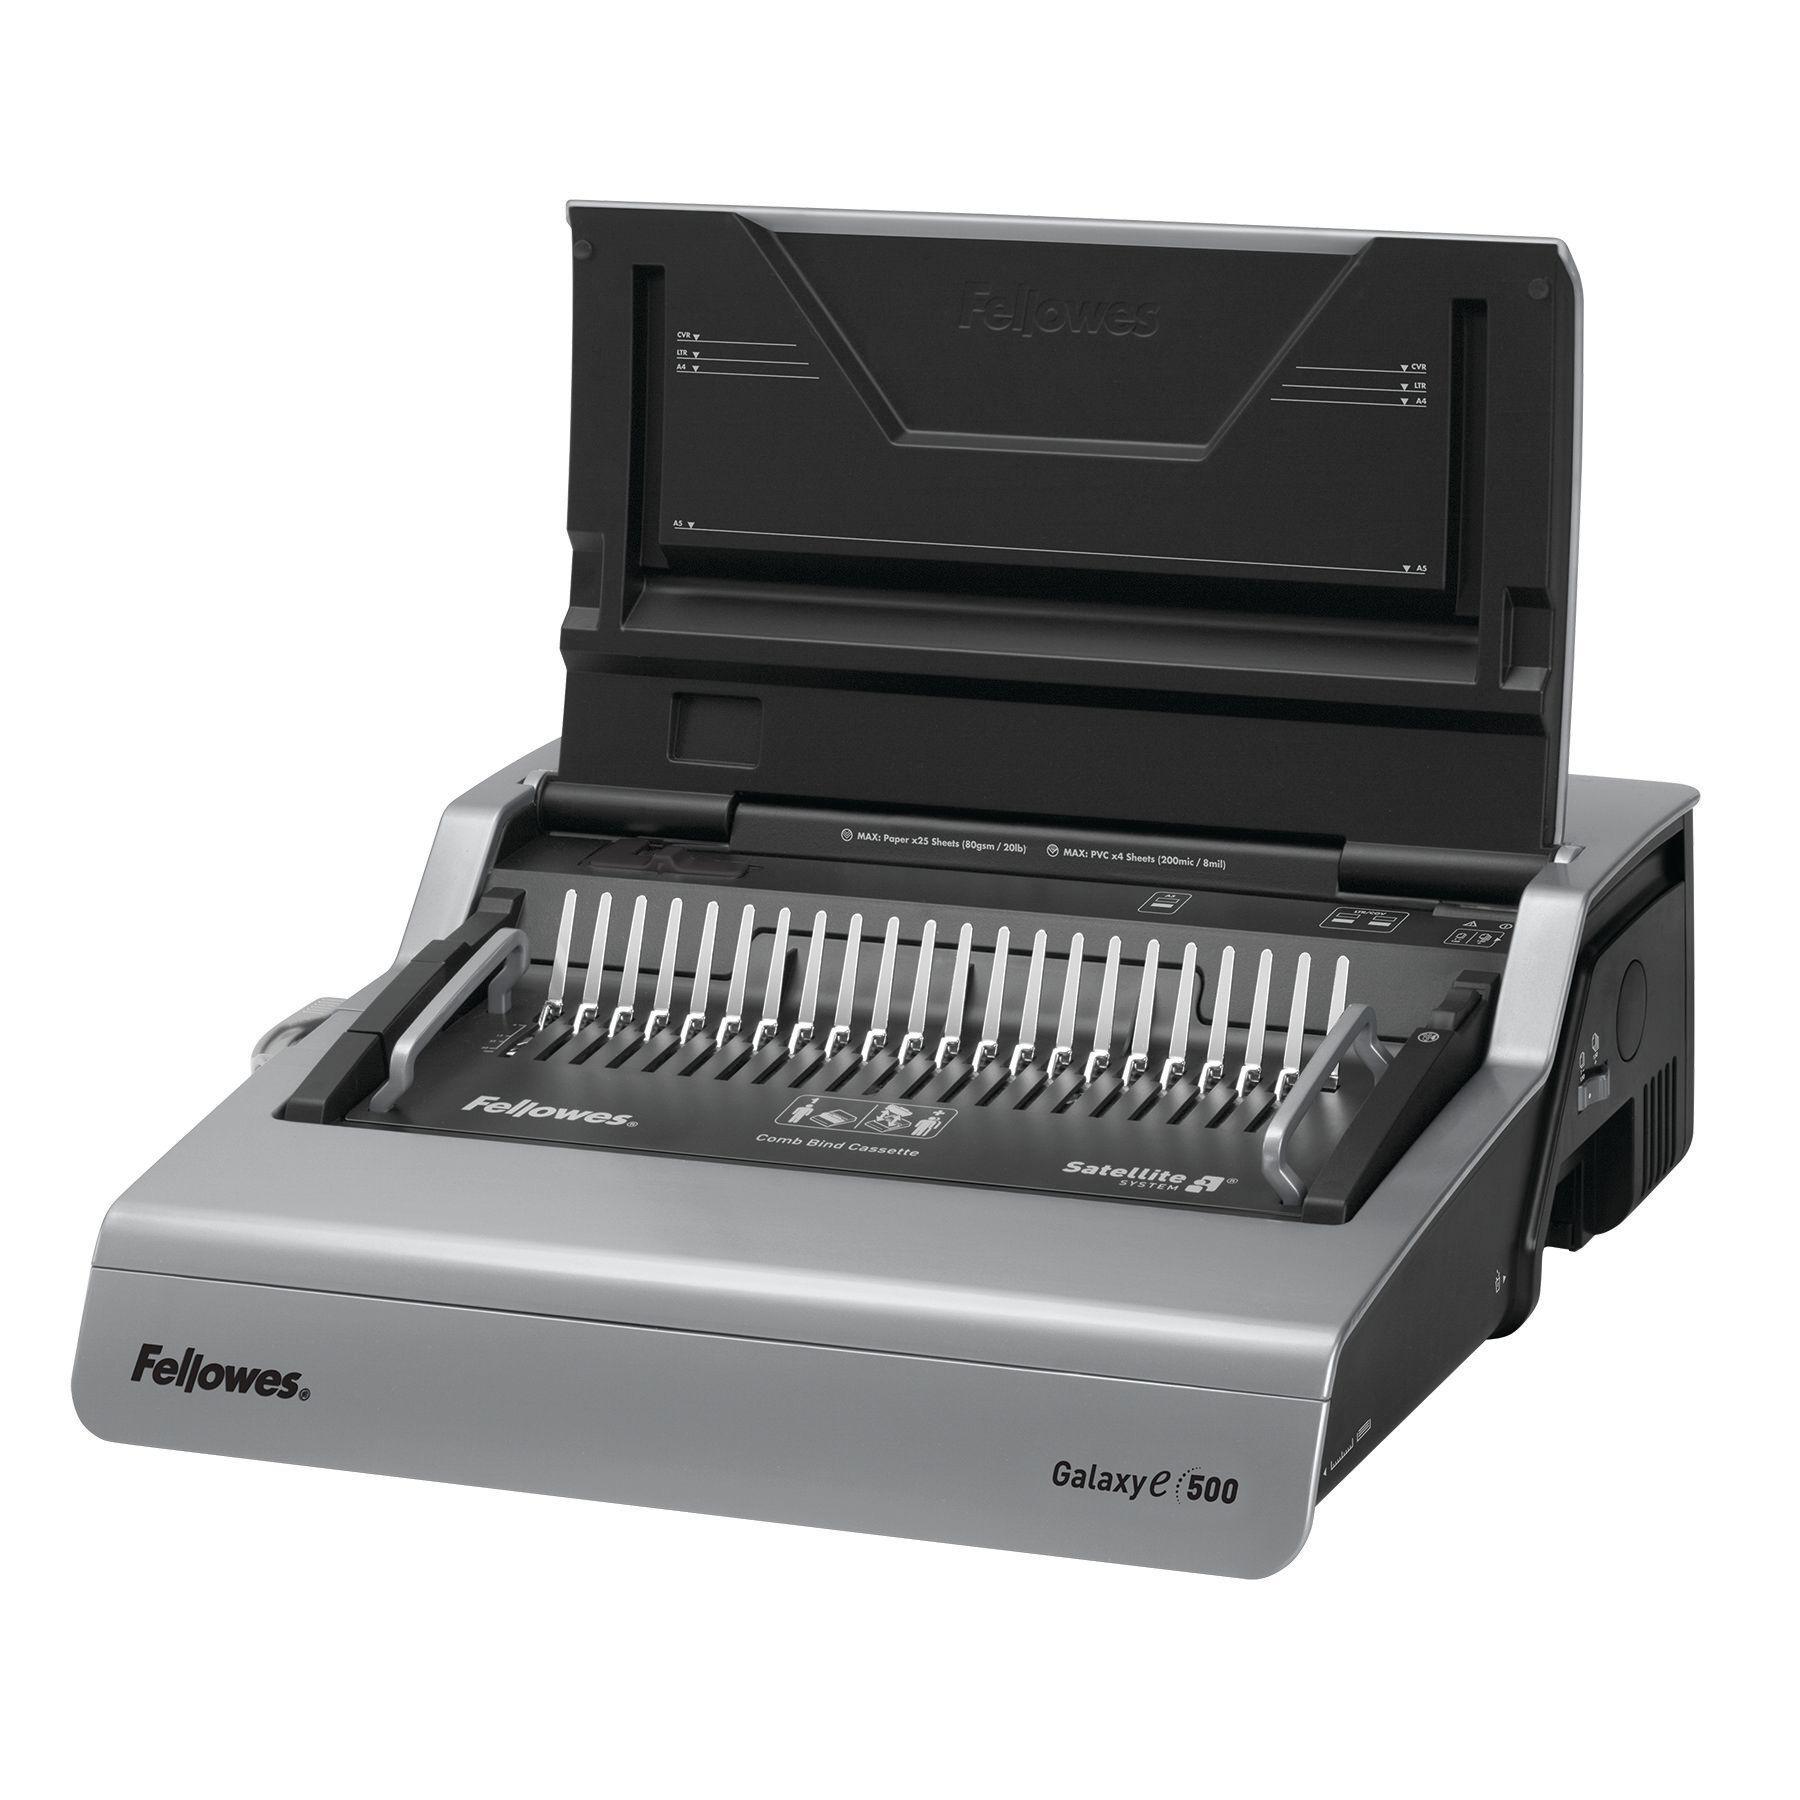 Fellowes Galaxy-E 500 - machine à relier / relieuse perforeuse éléctrique - perfore 25 feuilles - relie 500f